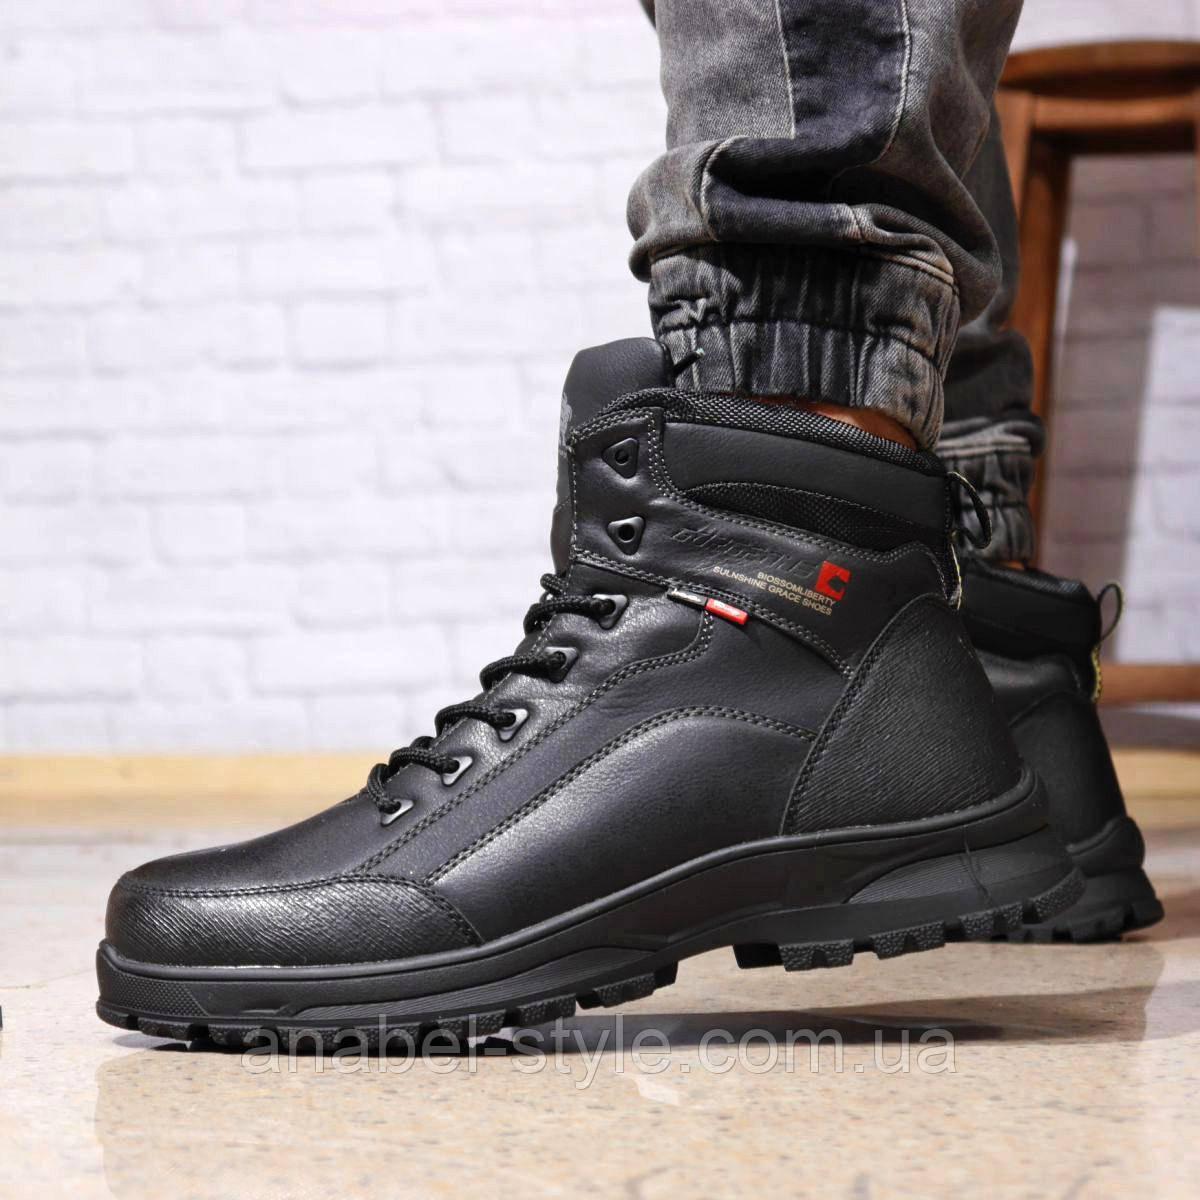 Зимние мужские ботинки 31881, Gorgeous (на меху, в коробке), черные, [ 42 43 45 ] р. 45-29,4см.